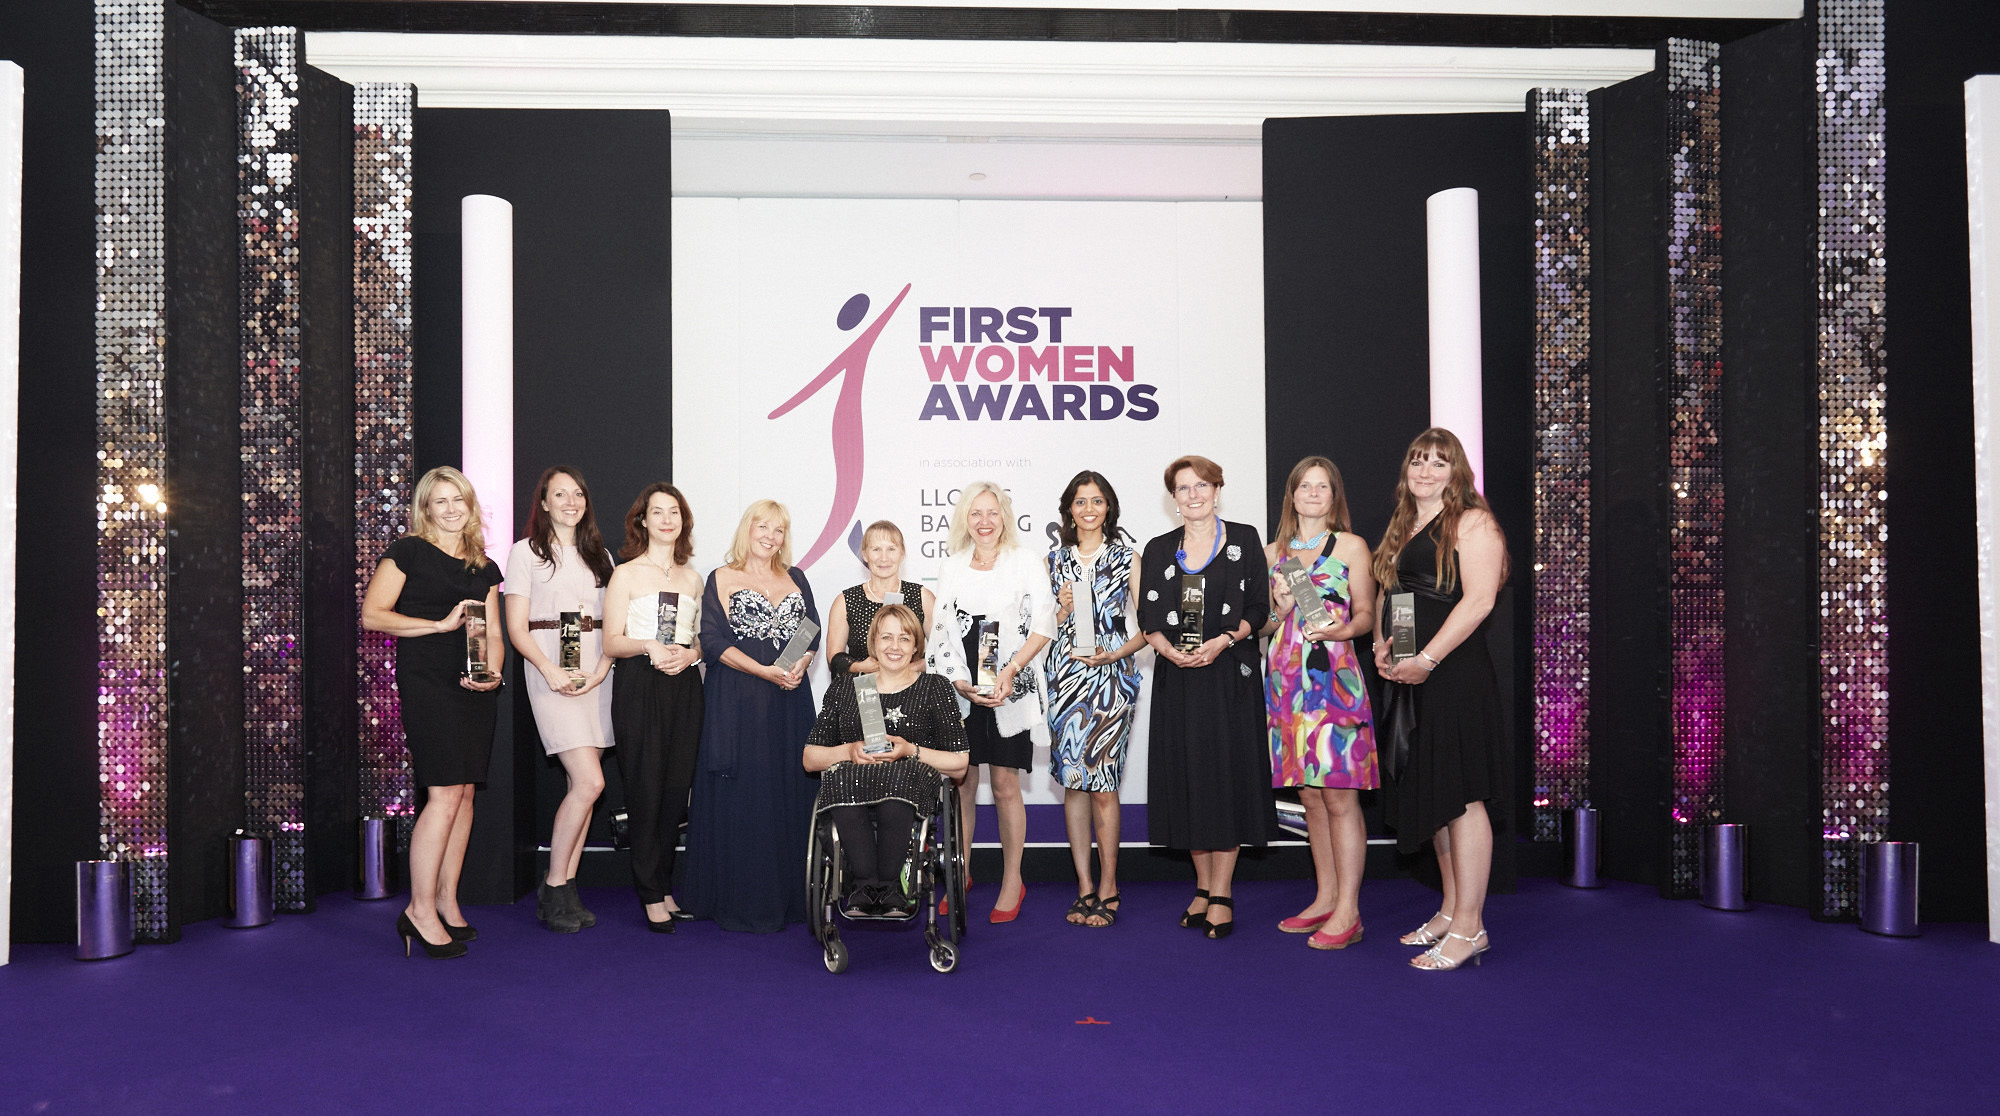 First Women Awards 2014: Winners revealed